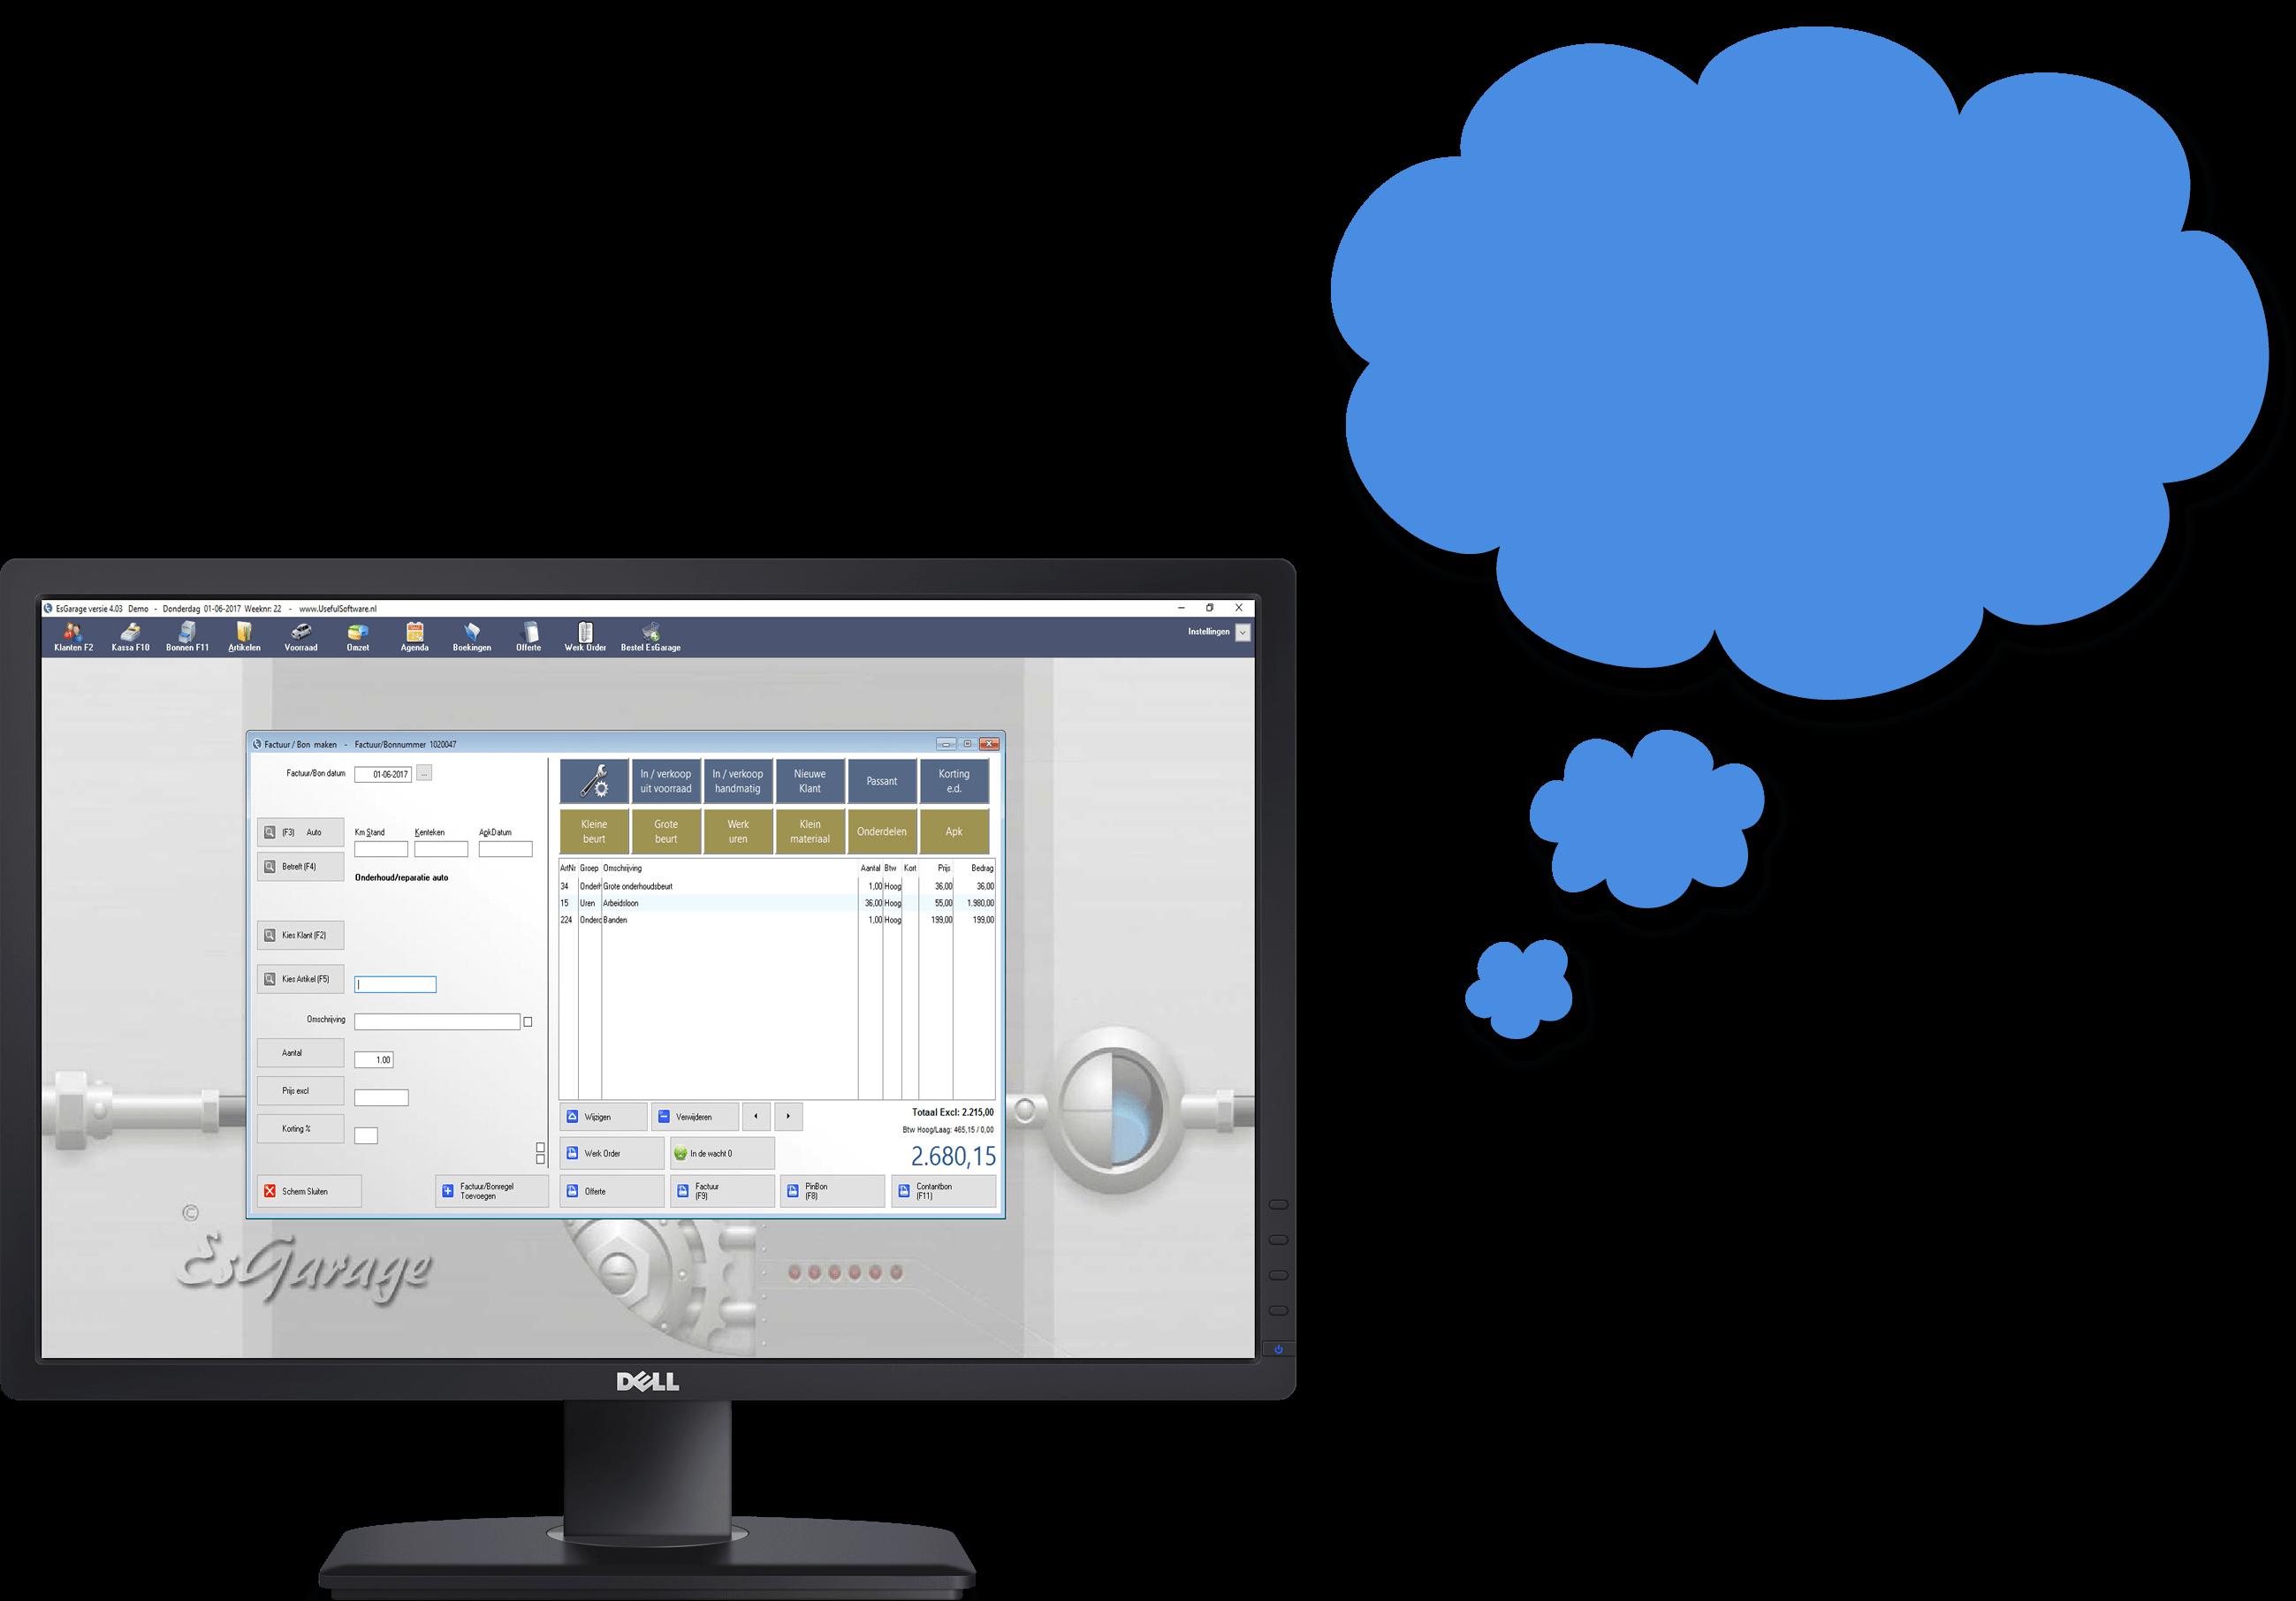 garage software cloud back-up